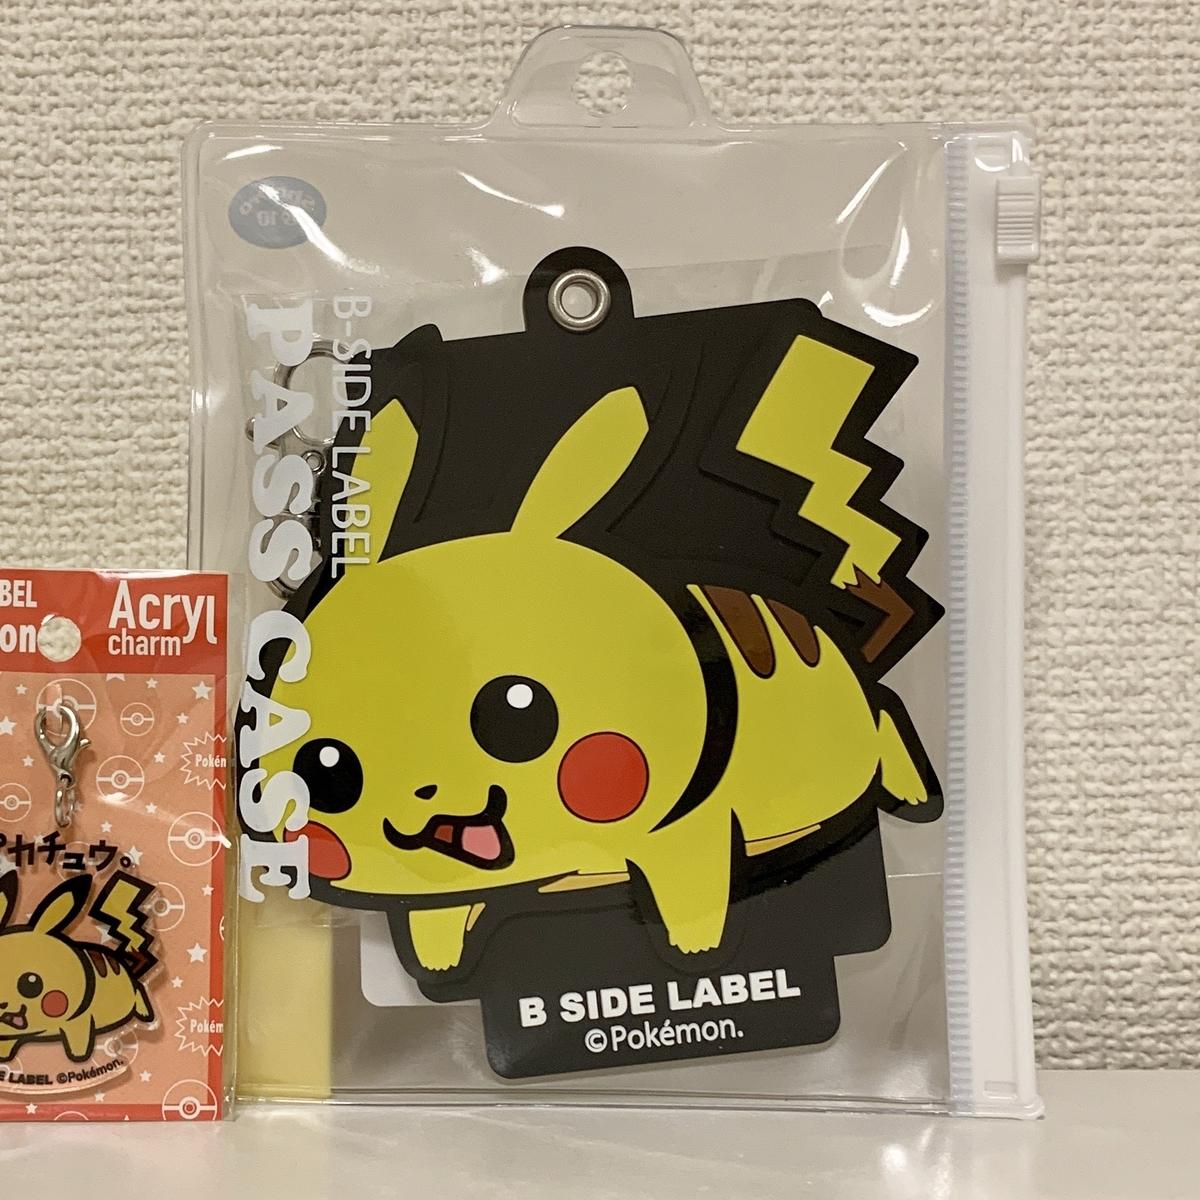 f:id:pikachu_pcn:20200726201759j:plain